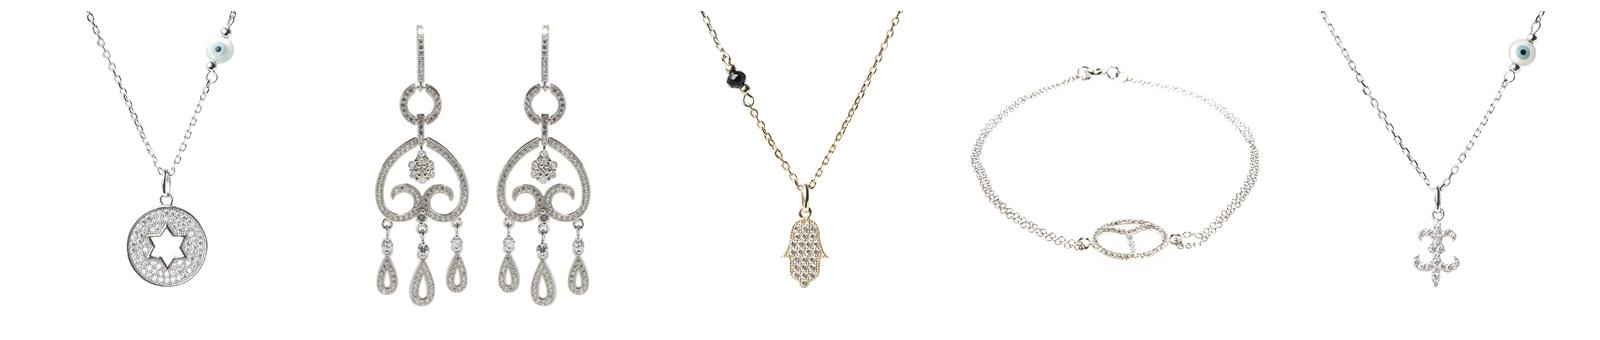 Las joyas como amuleto